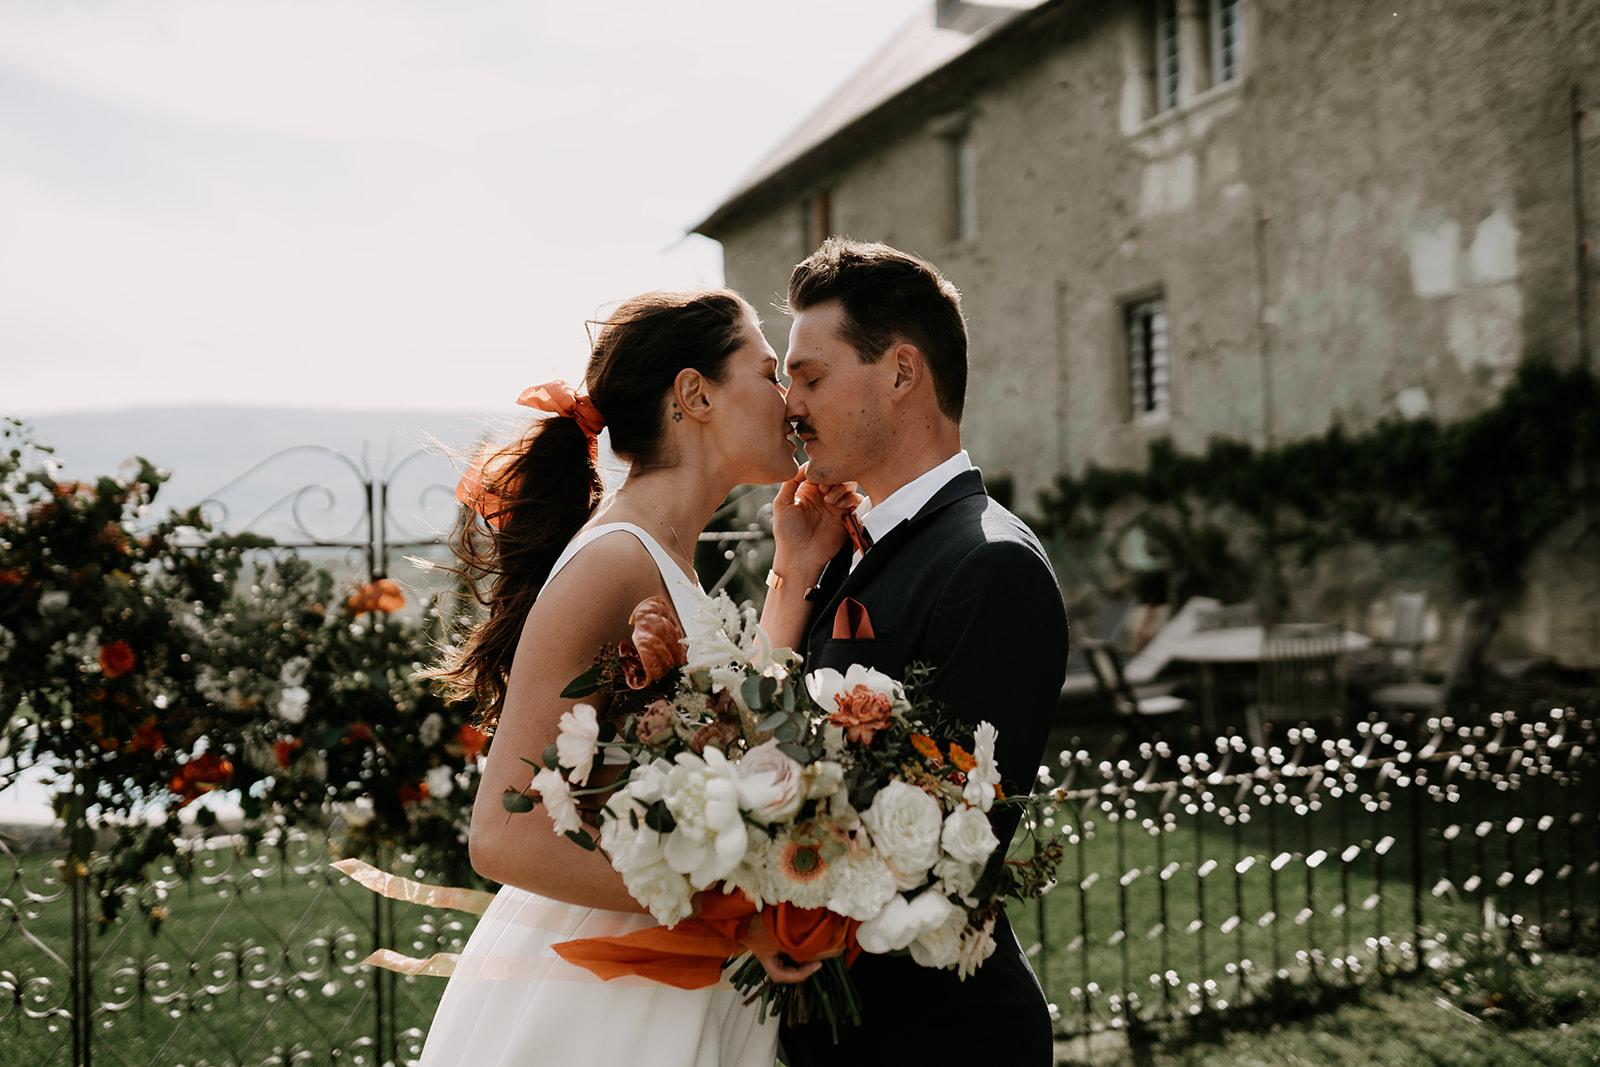 Partner in love - 2019 - Amandine MARQUE-166_websize.jpg